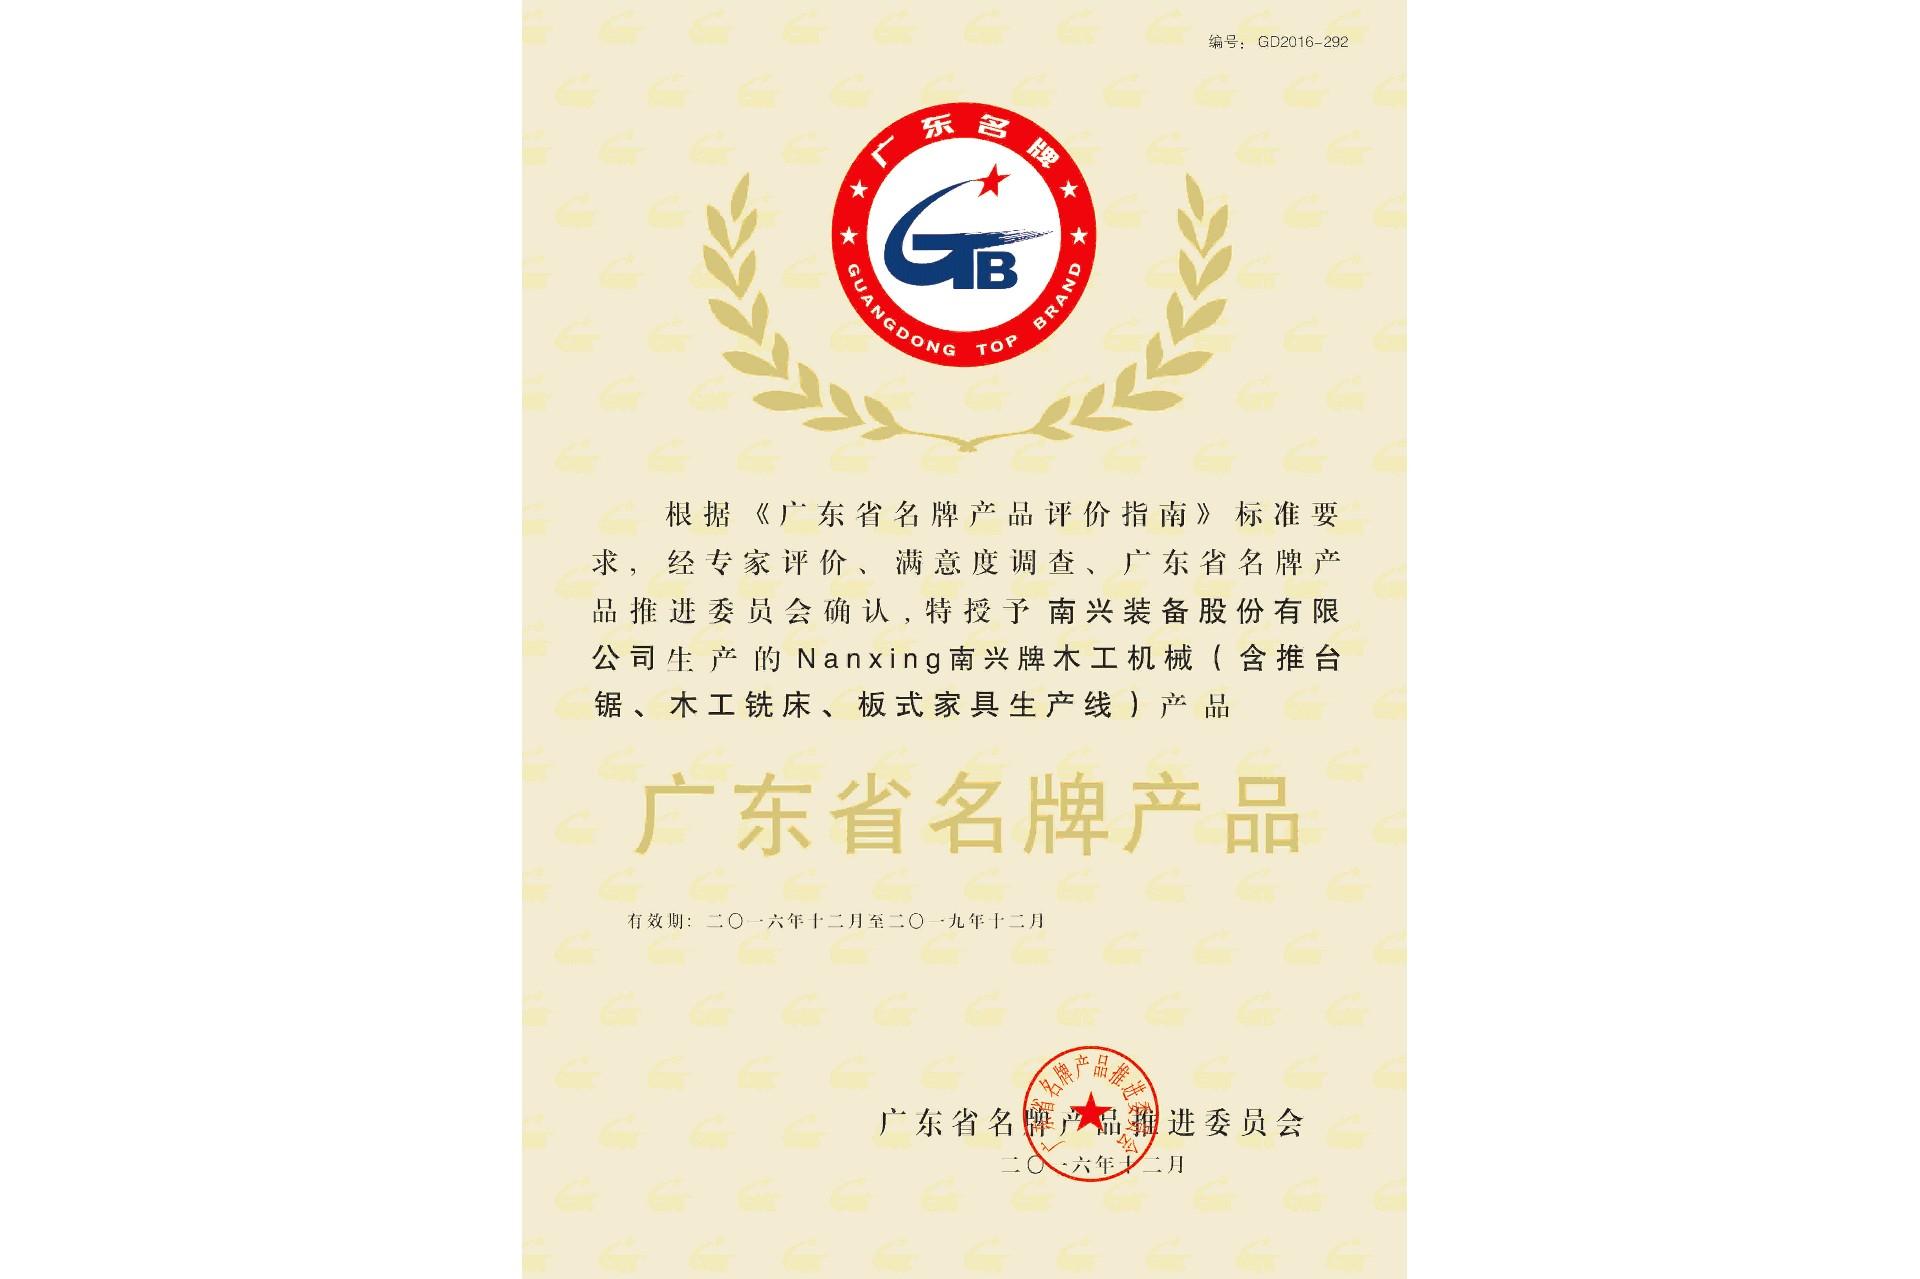 2016年广东省名牌产品